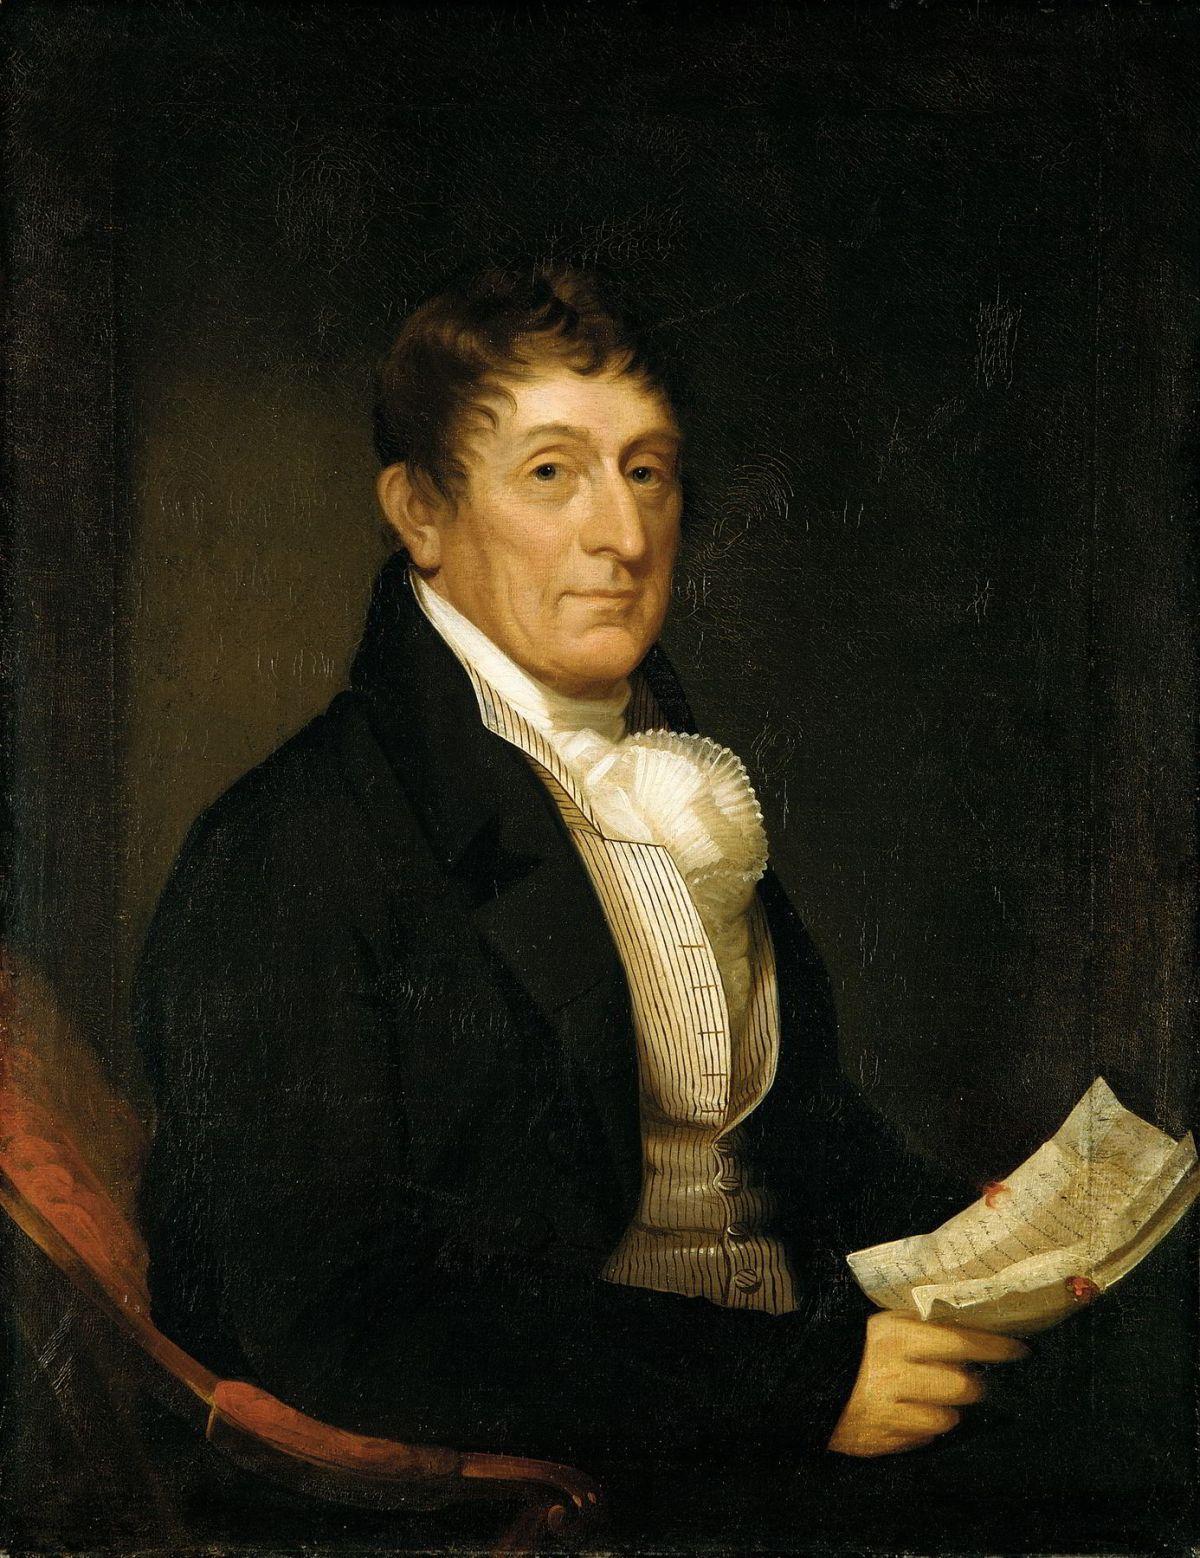 Philip Van Cortlandt by Ezra Ames